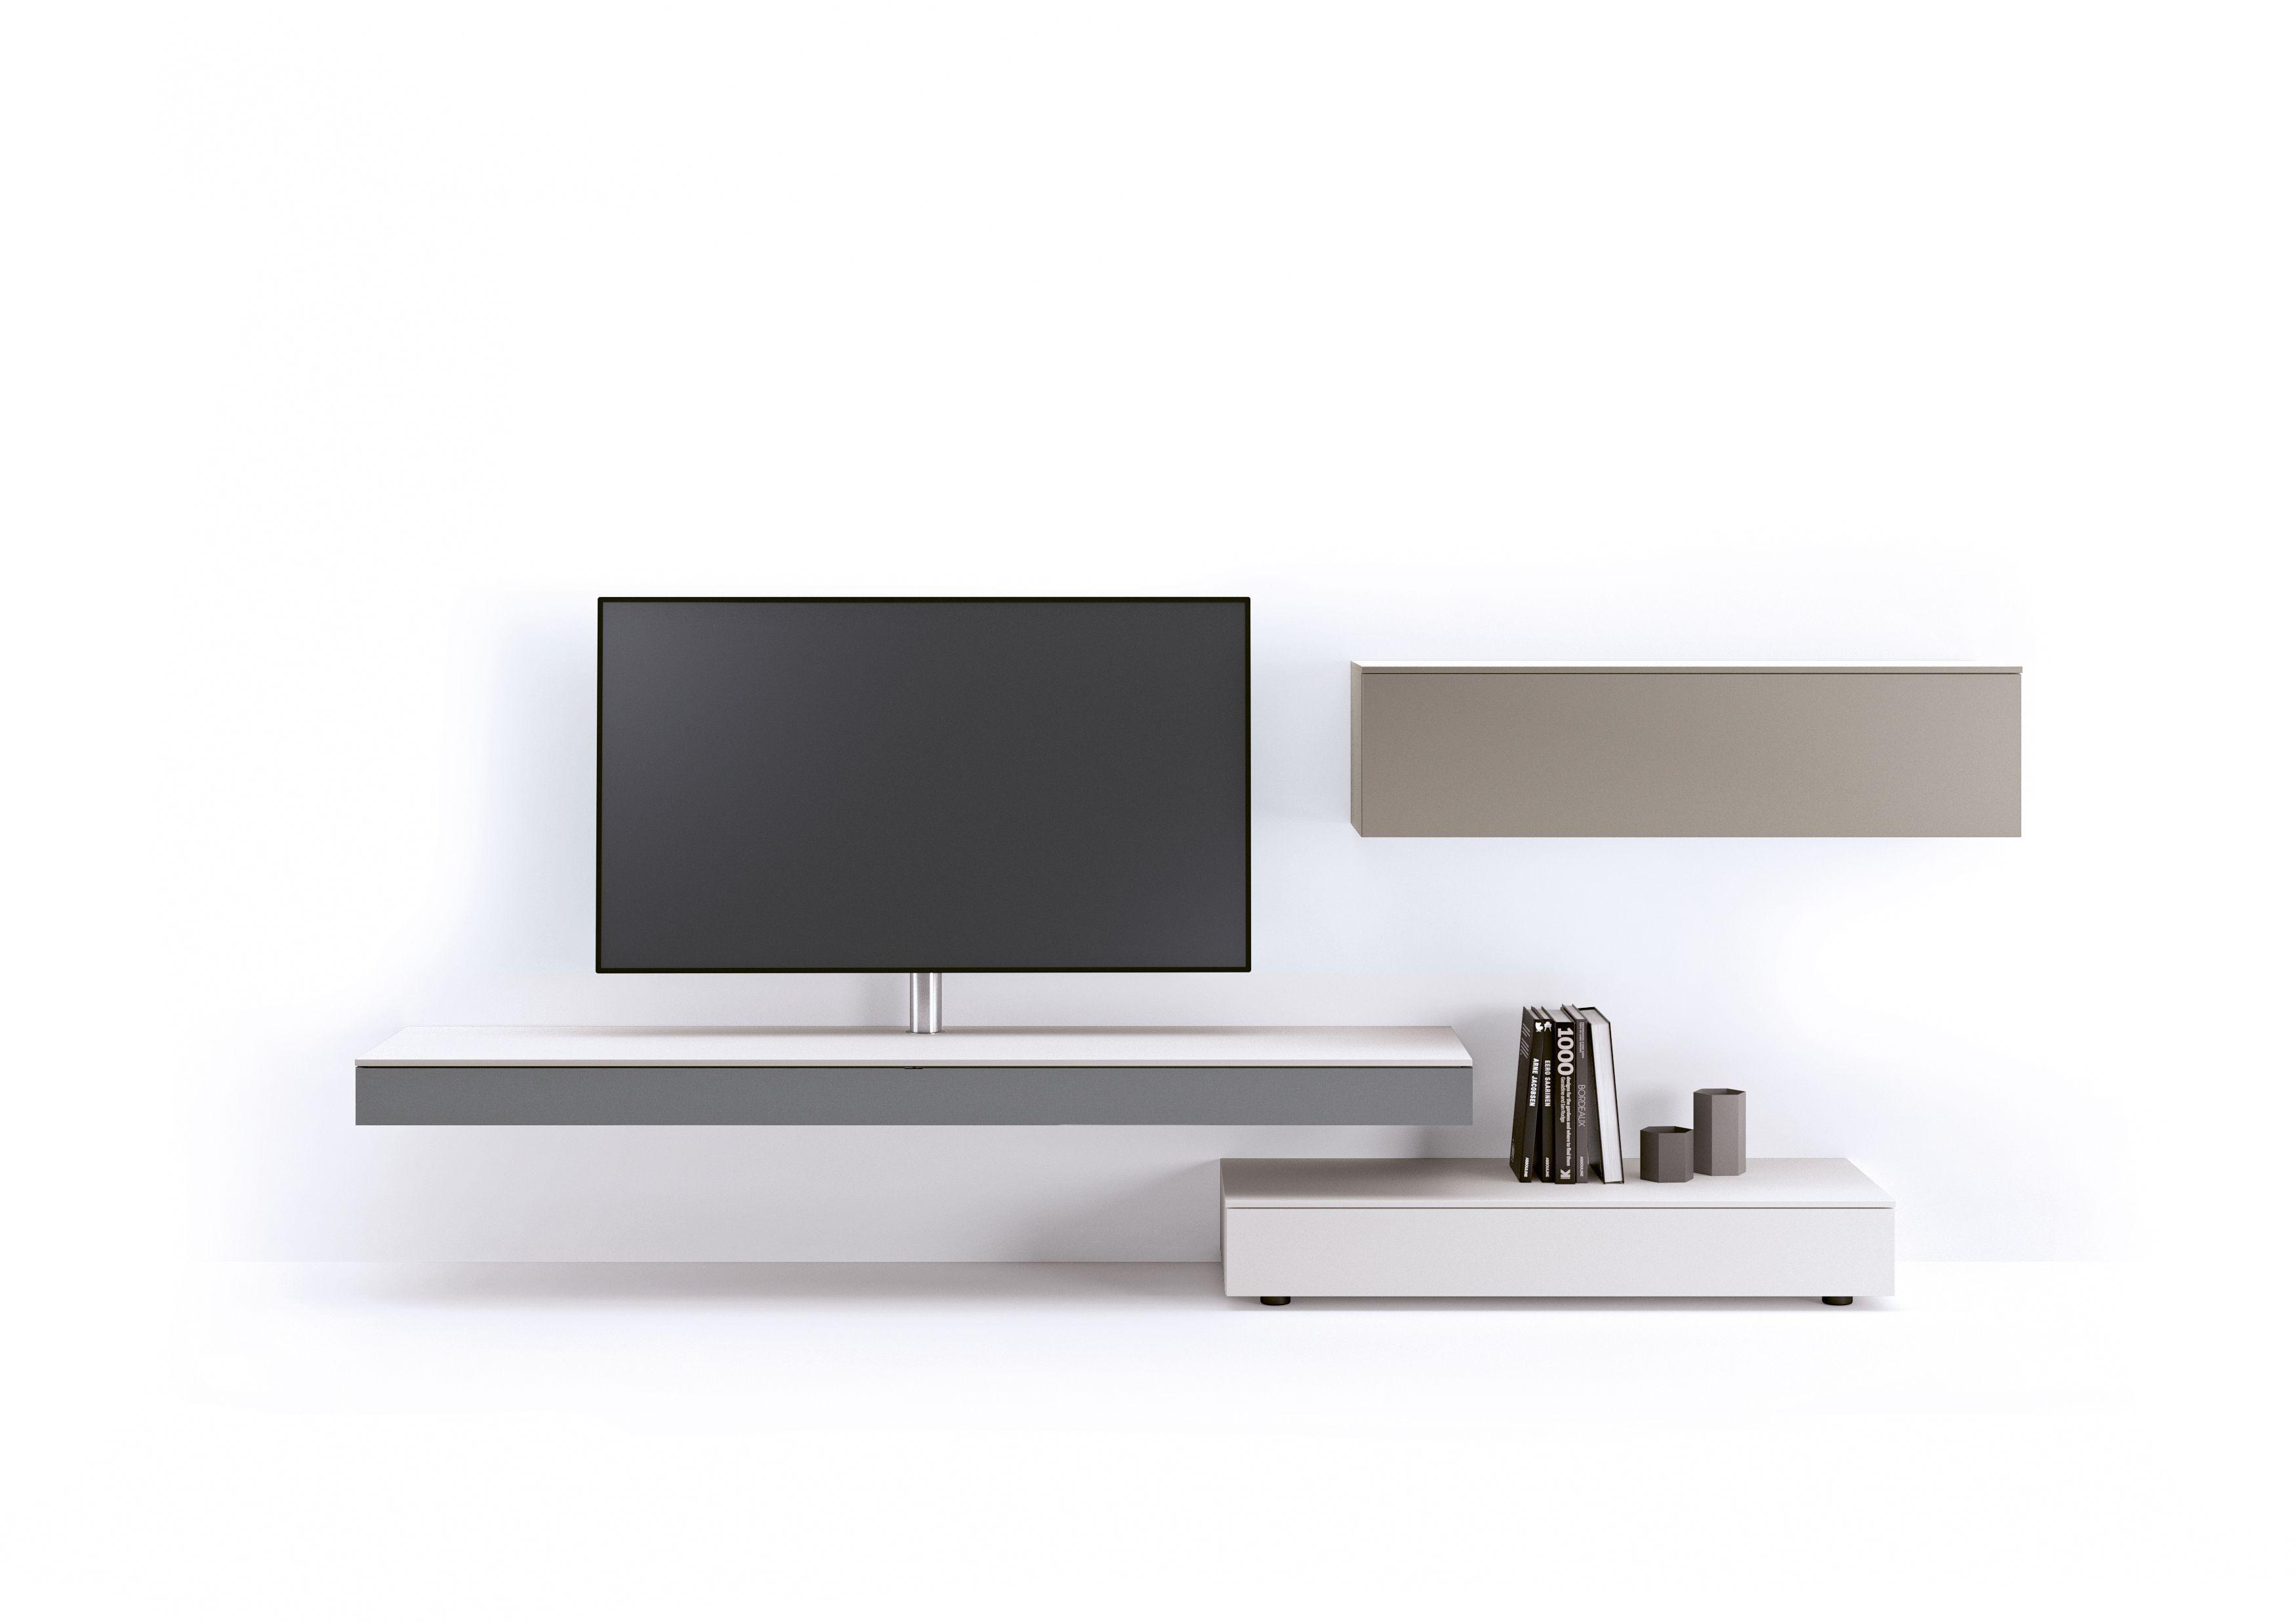 Lowboard Tv Meubel.De Next Tv Meubels Zijn Spannend Innovatief En Niet Geheel